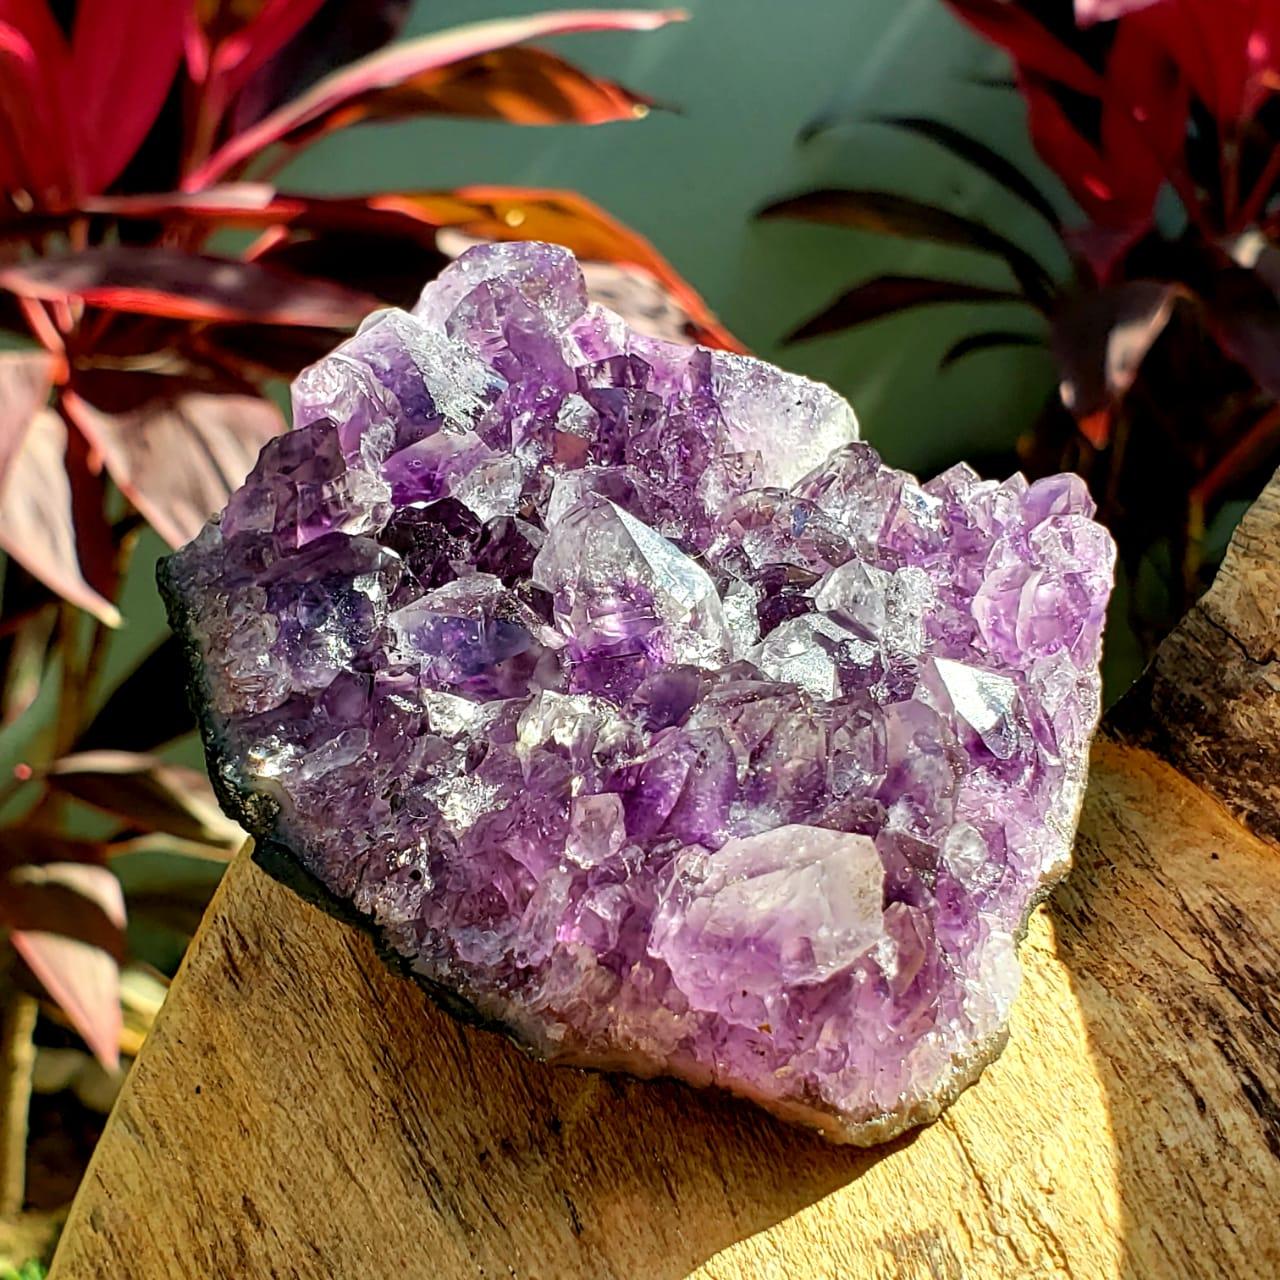 Cristal - Drusa - Ametista - Espiritualidade